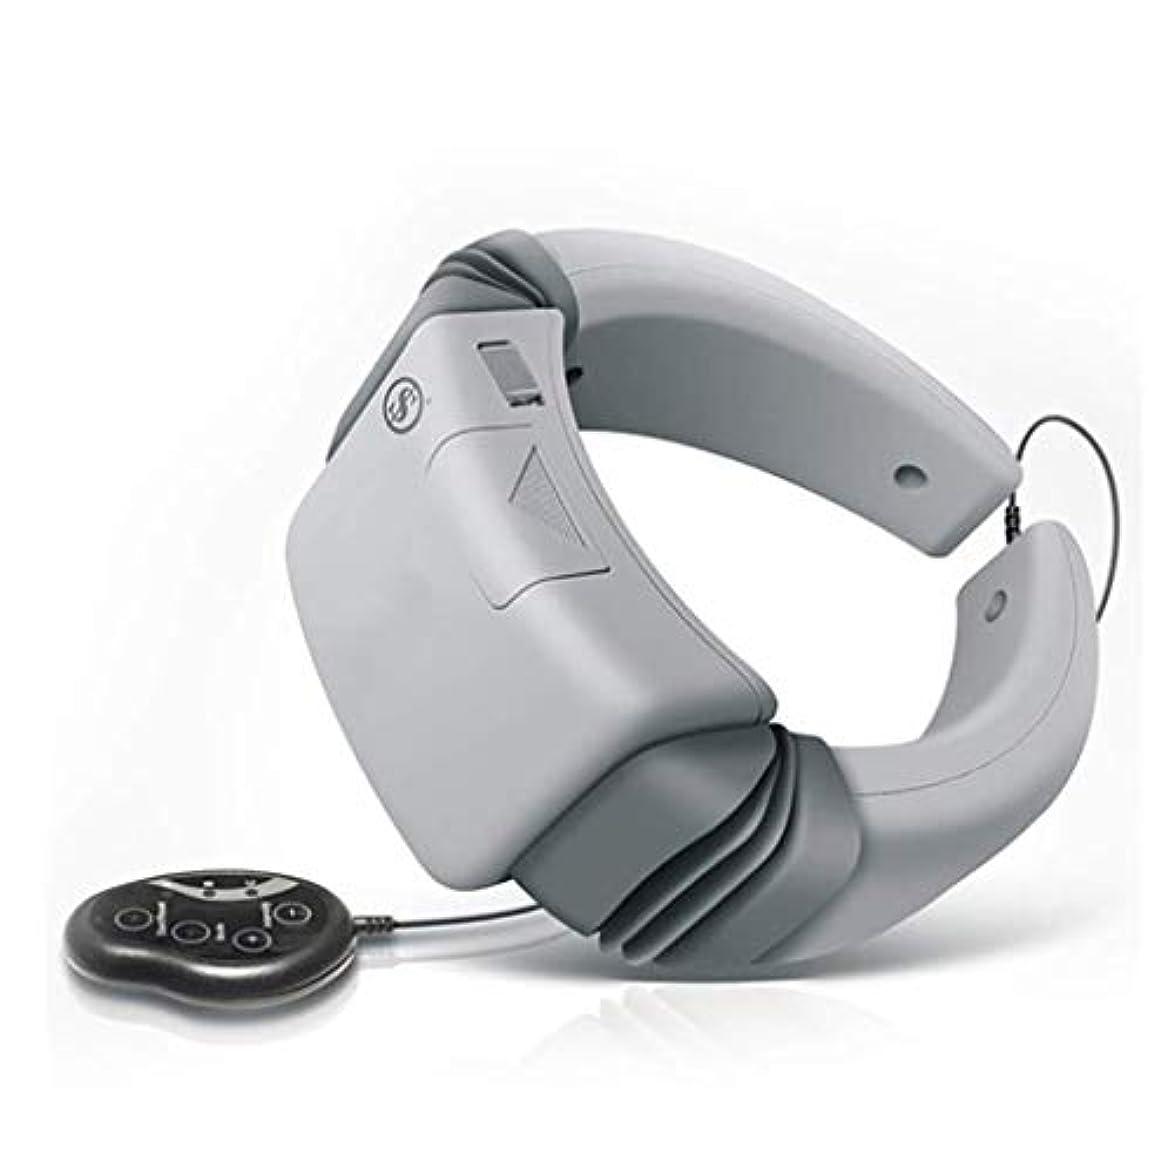 シェード振り子ガレージ首のマッサージャー、電気マッサージャー、磁気療法の頚部マッサージャー、首の処置の器械は苦痛救助、頚部の刺鍼術の処置器械を改善します